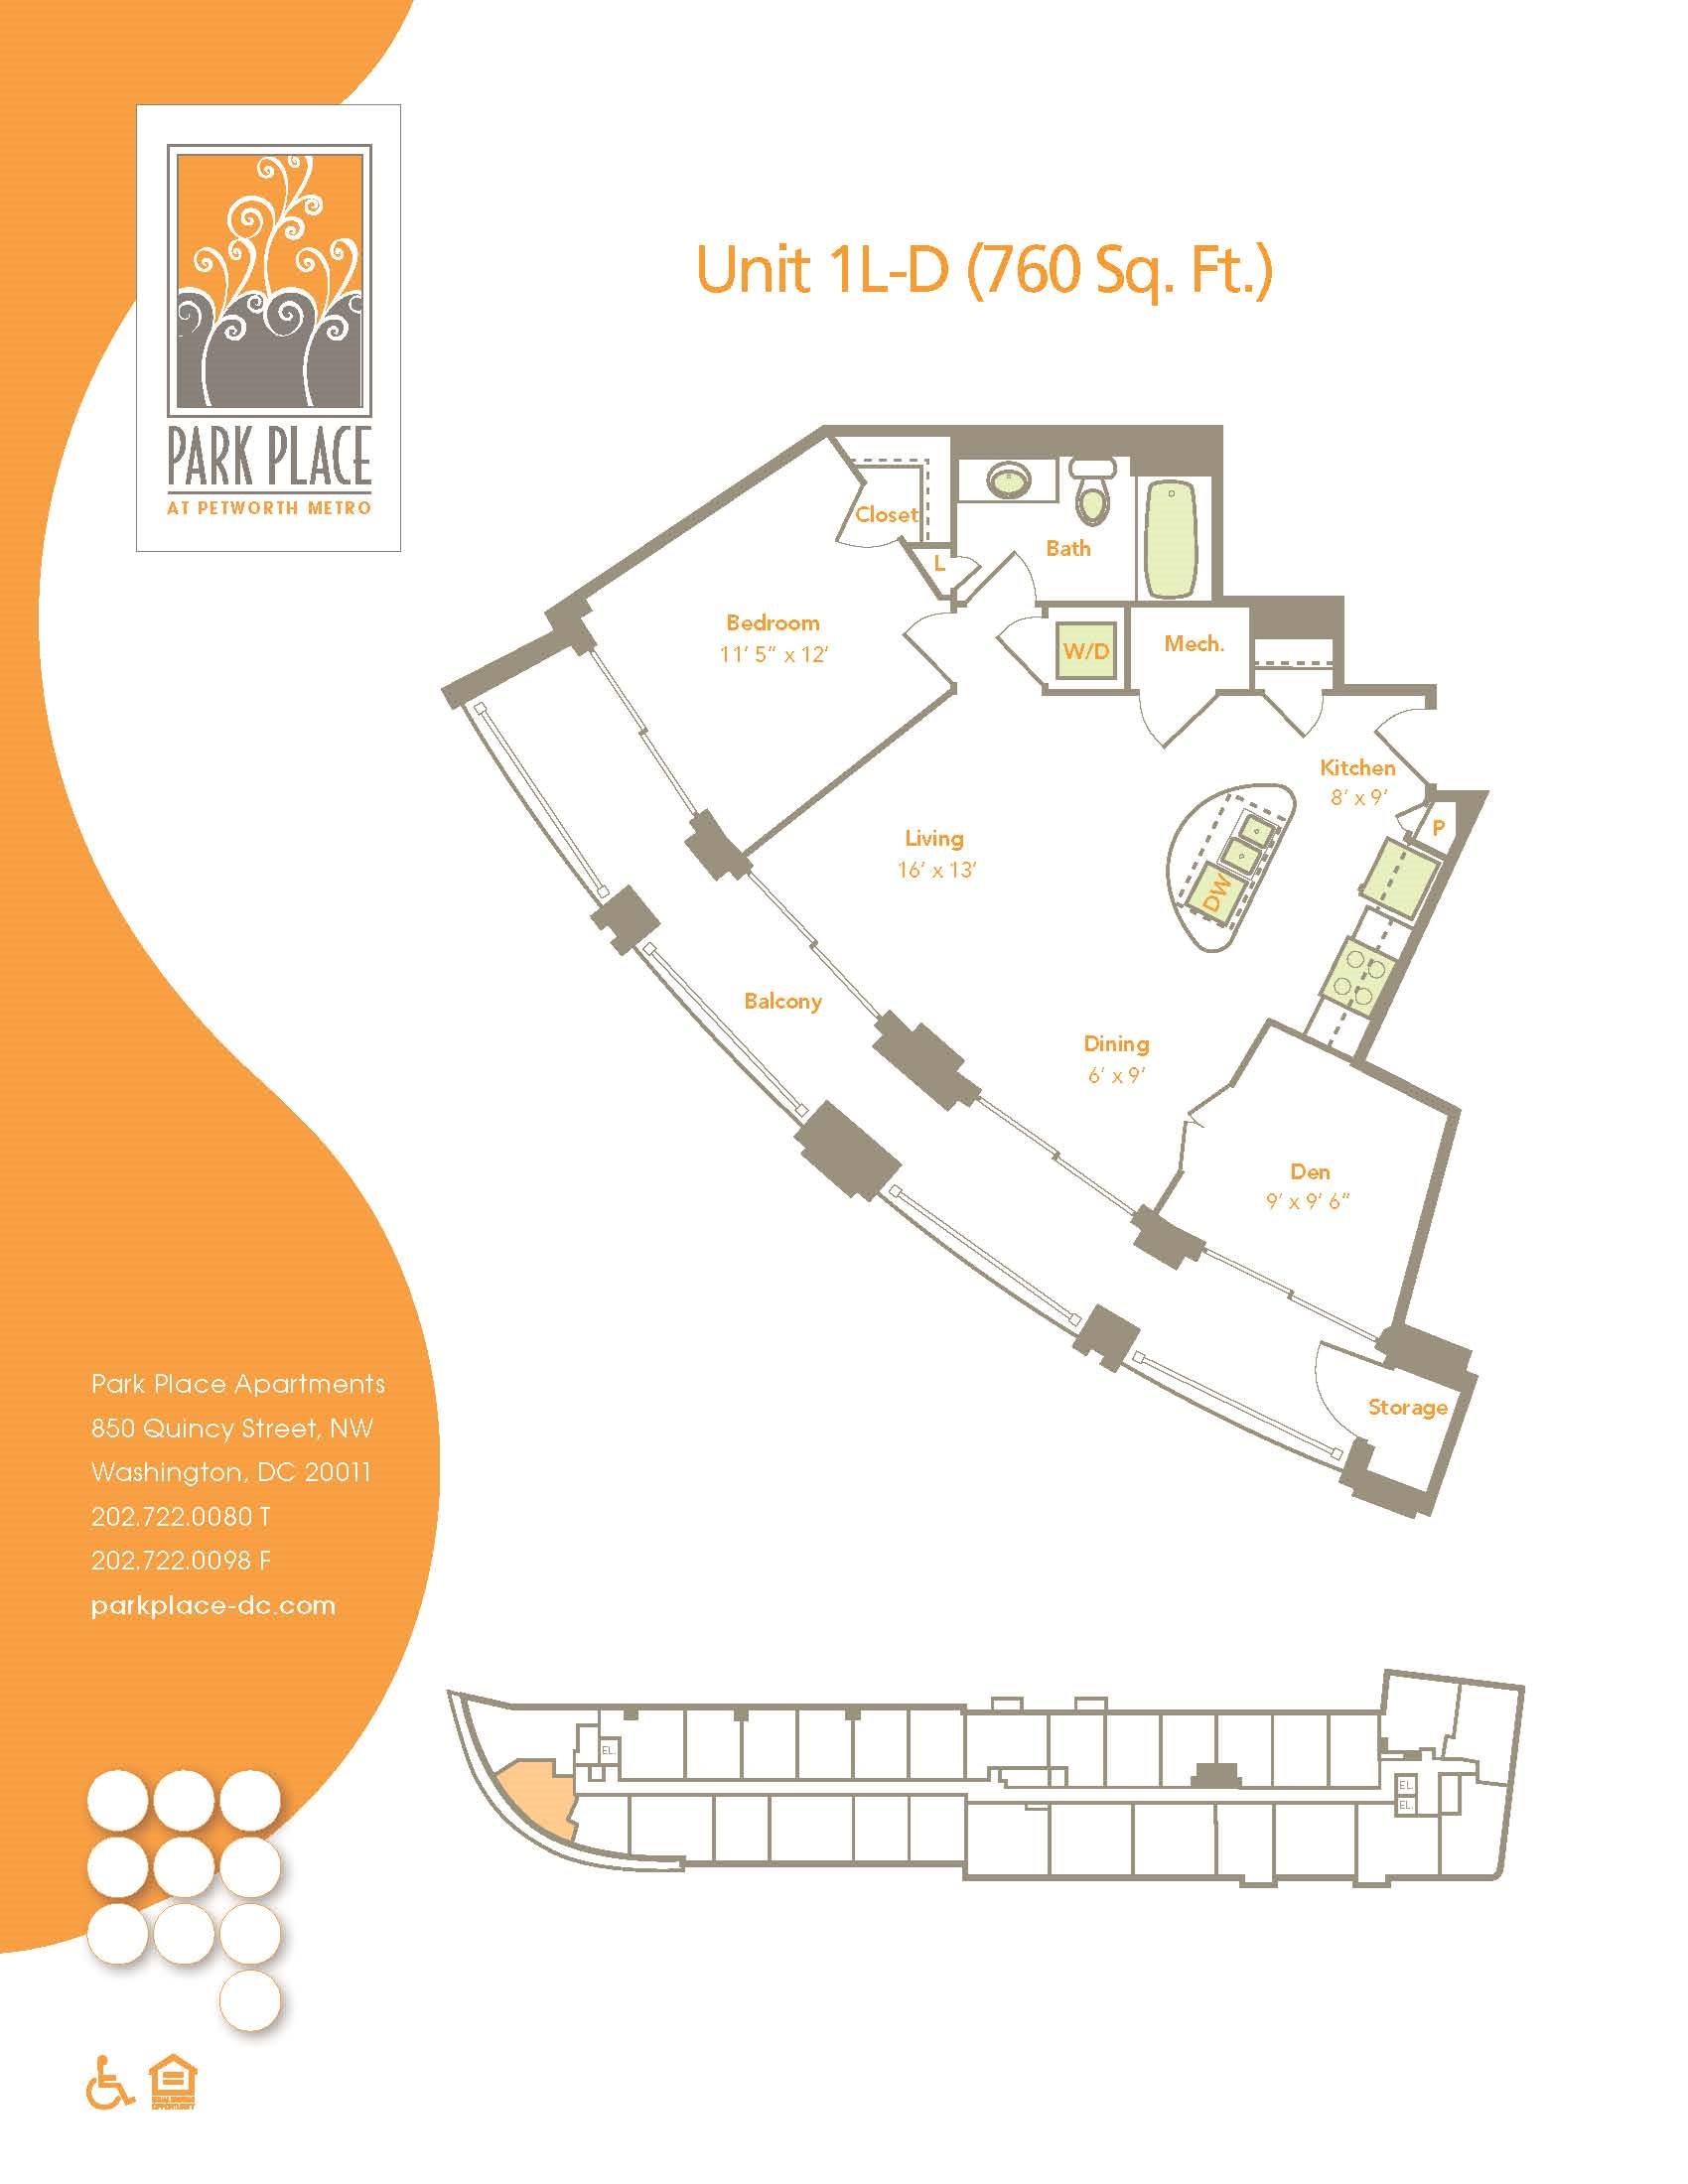 One Bedroom w/ Den (1L-D) Floor Plan 19